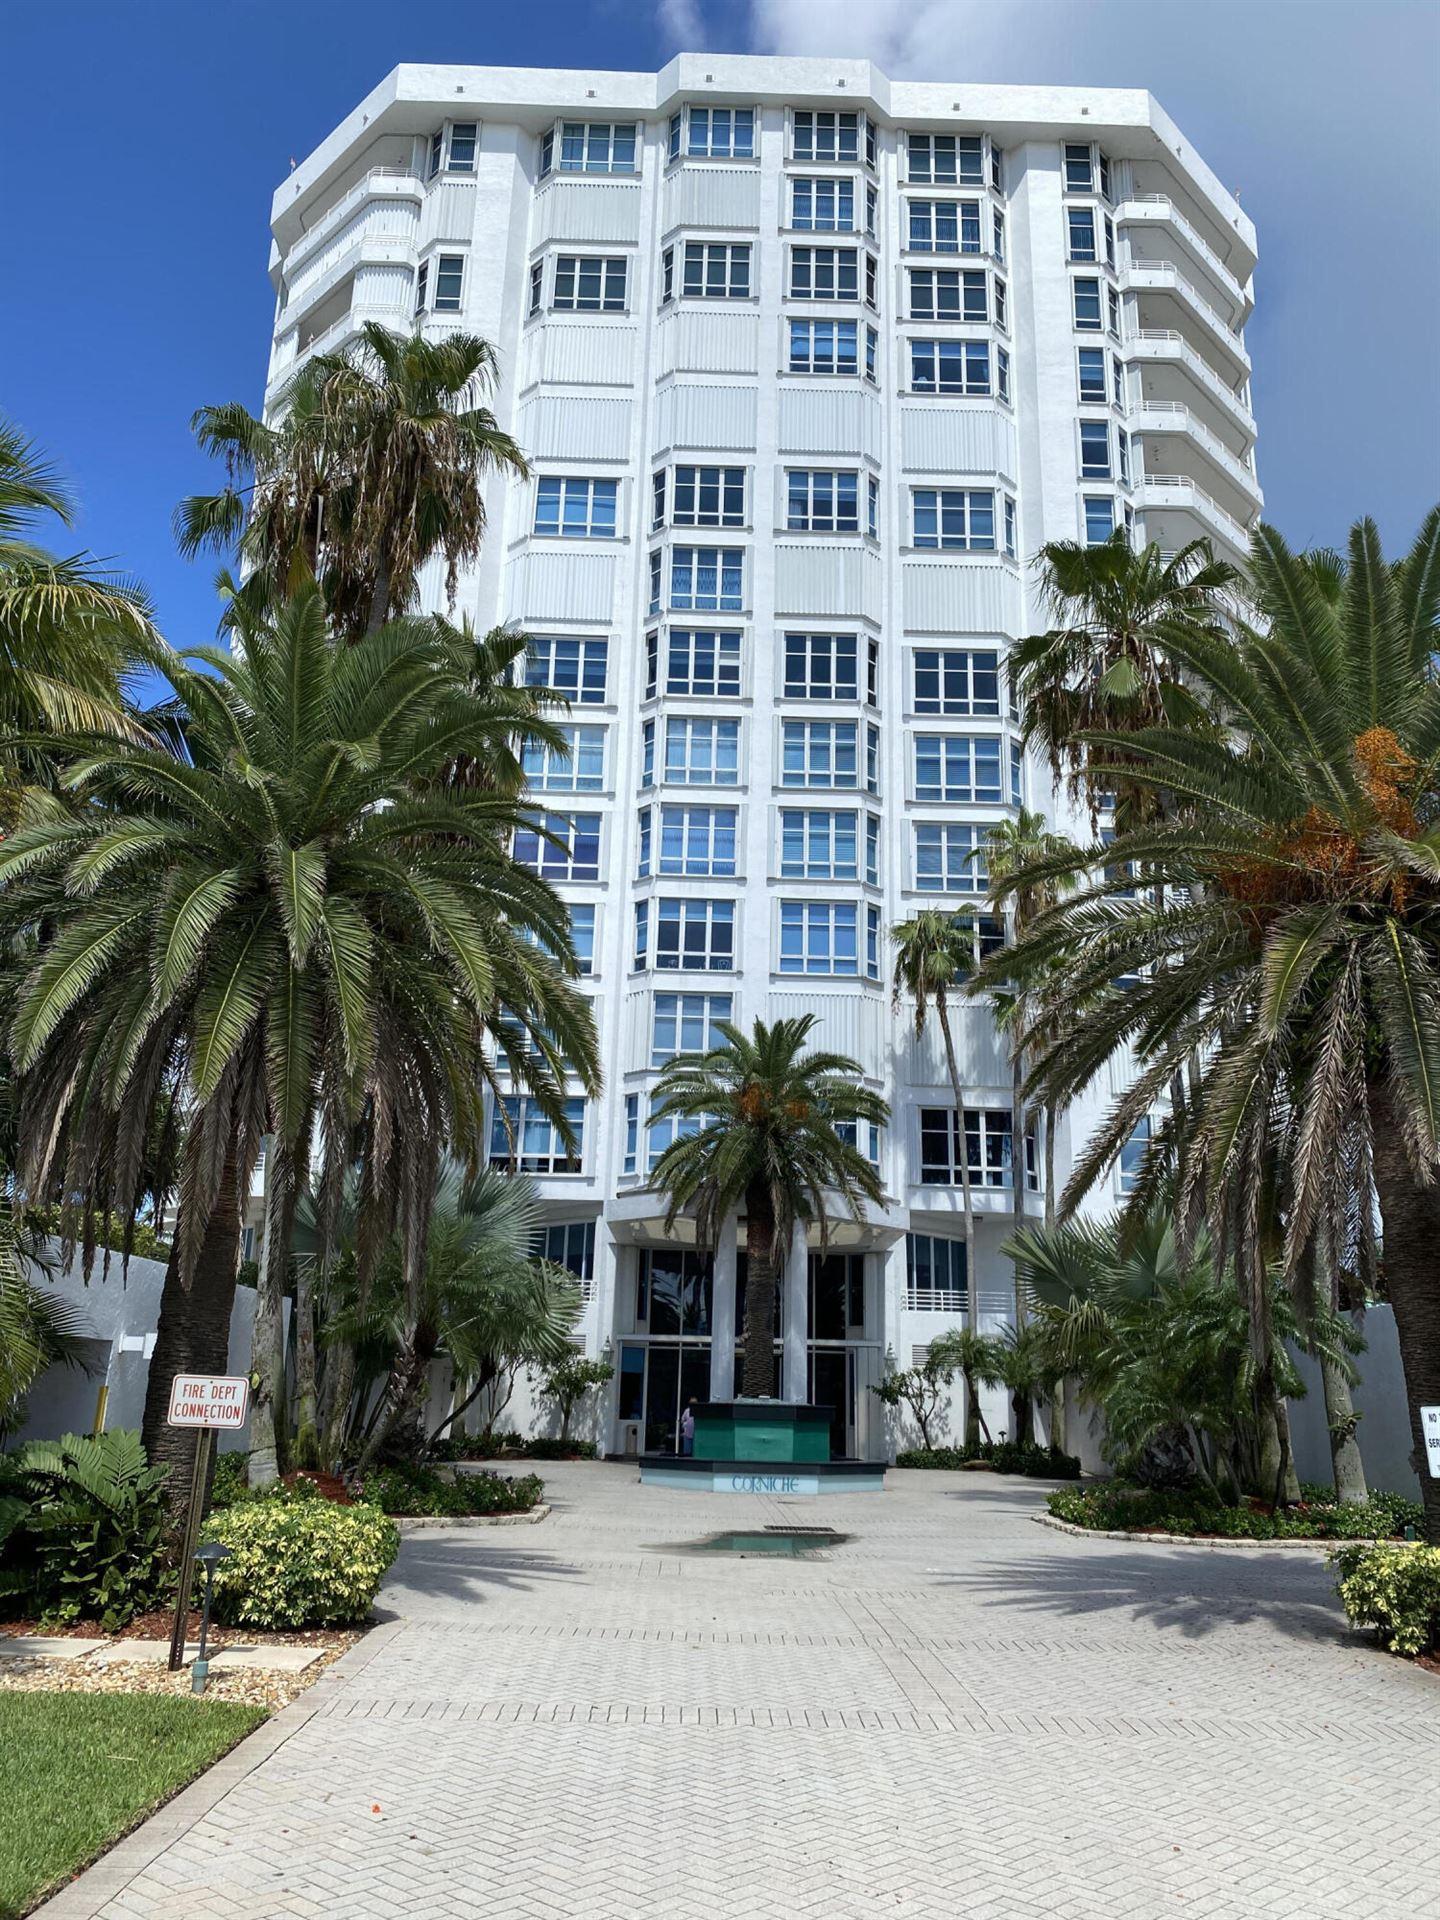 1440 S S. Ocean Boulevard #15-C, Lauderdale by the Sea, FL 33062 - MLS#: RX-10741519